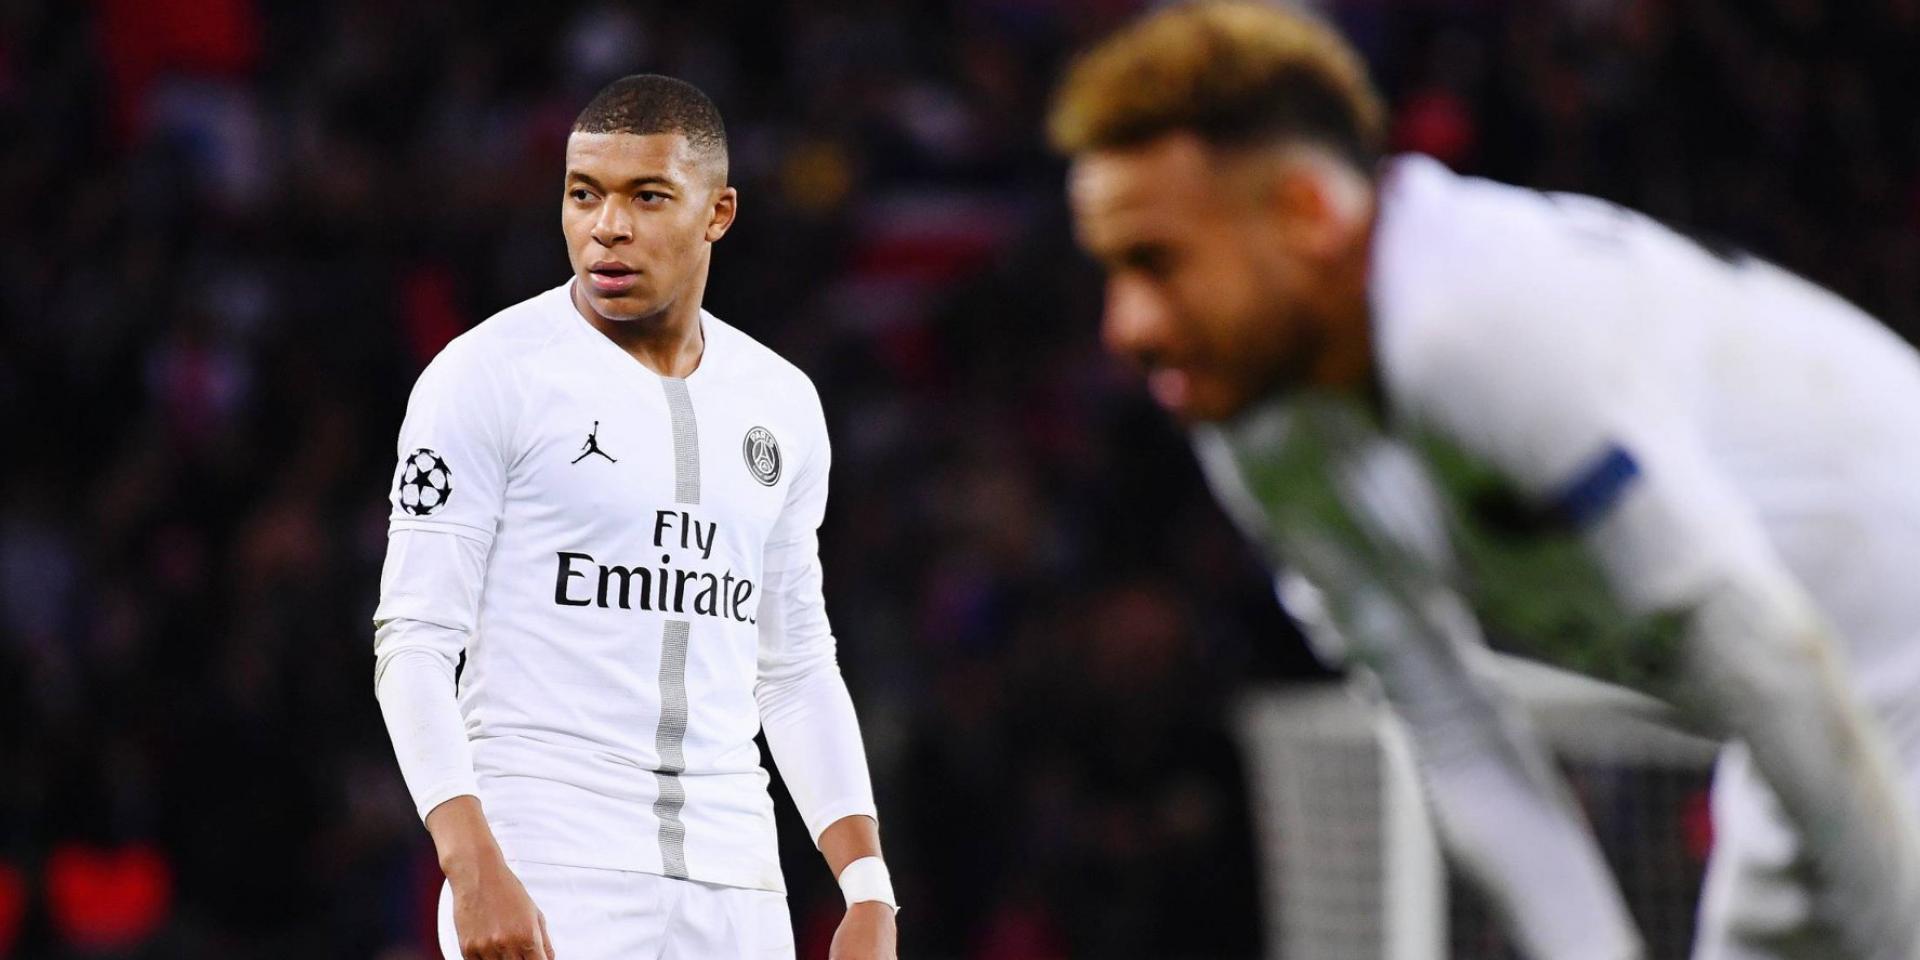 队报:巴西帮与法语帮的作梗导致巴黎赛季的战败